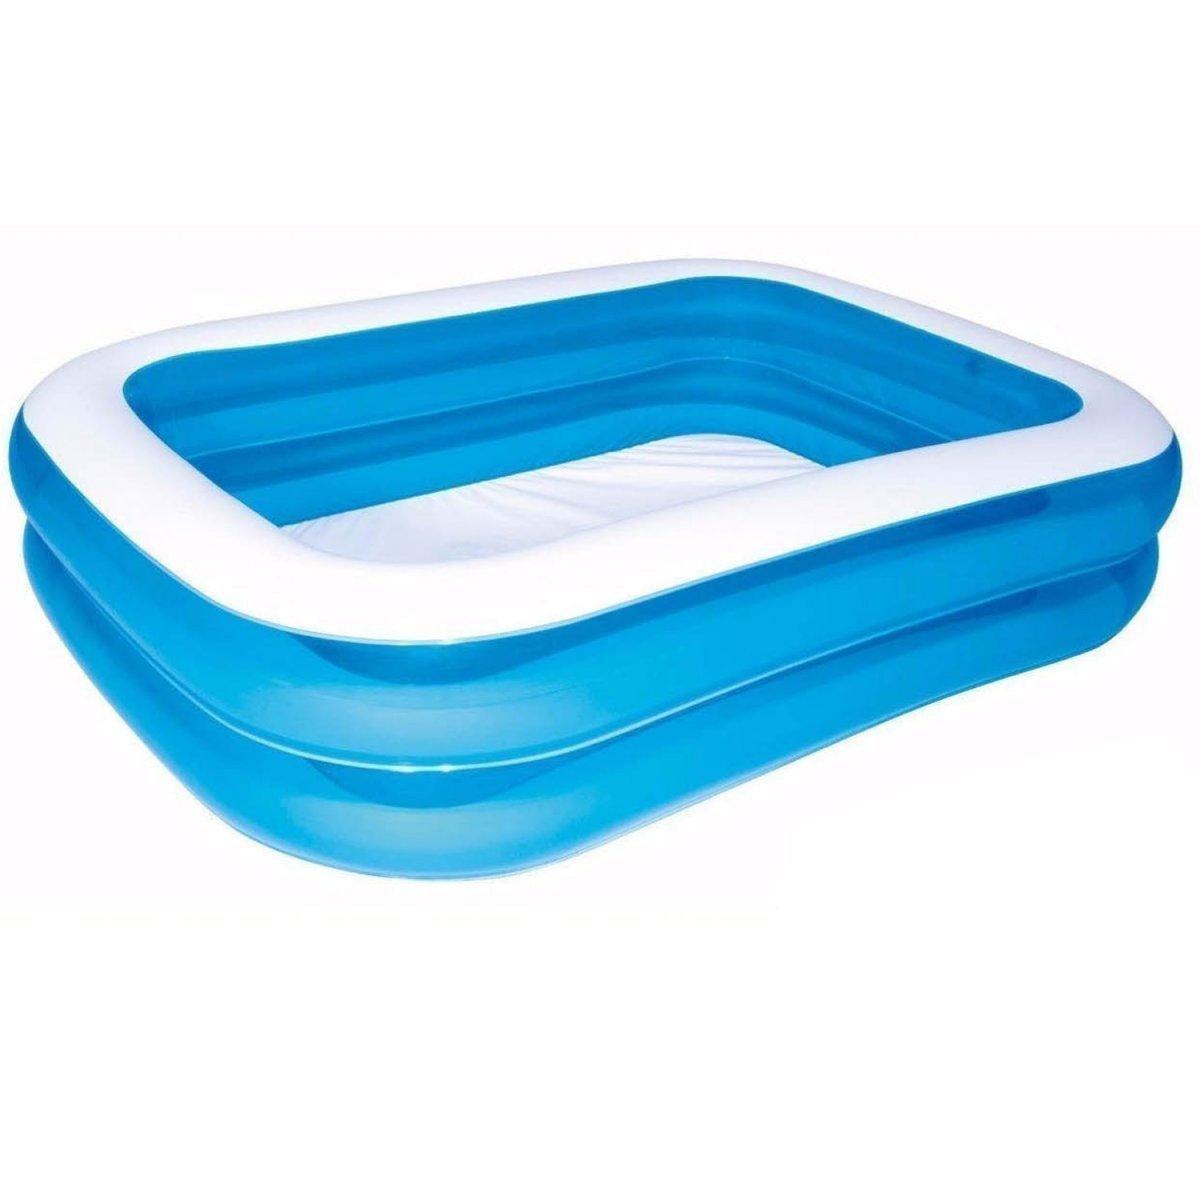 Детский надувной бассейн Bestway 54005, 201 х 150 х 51 см, голубой